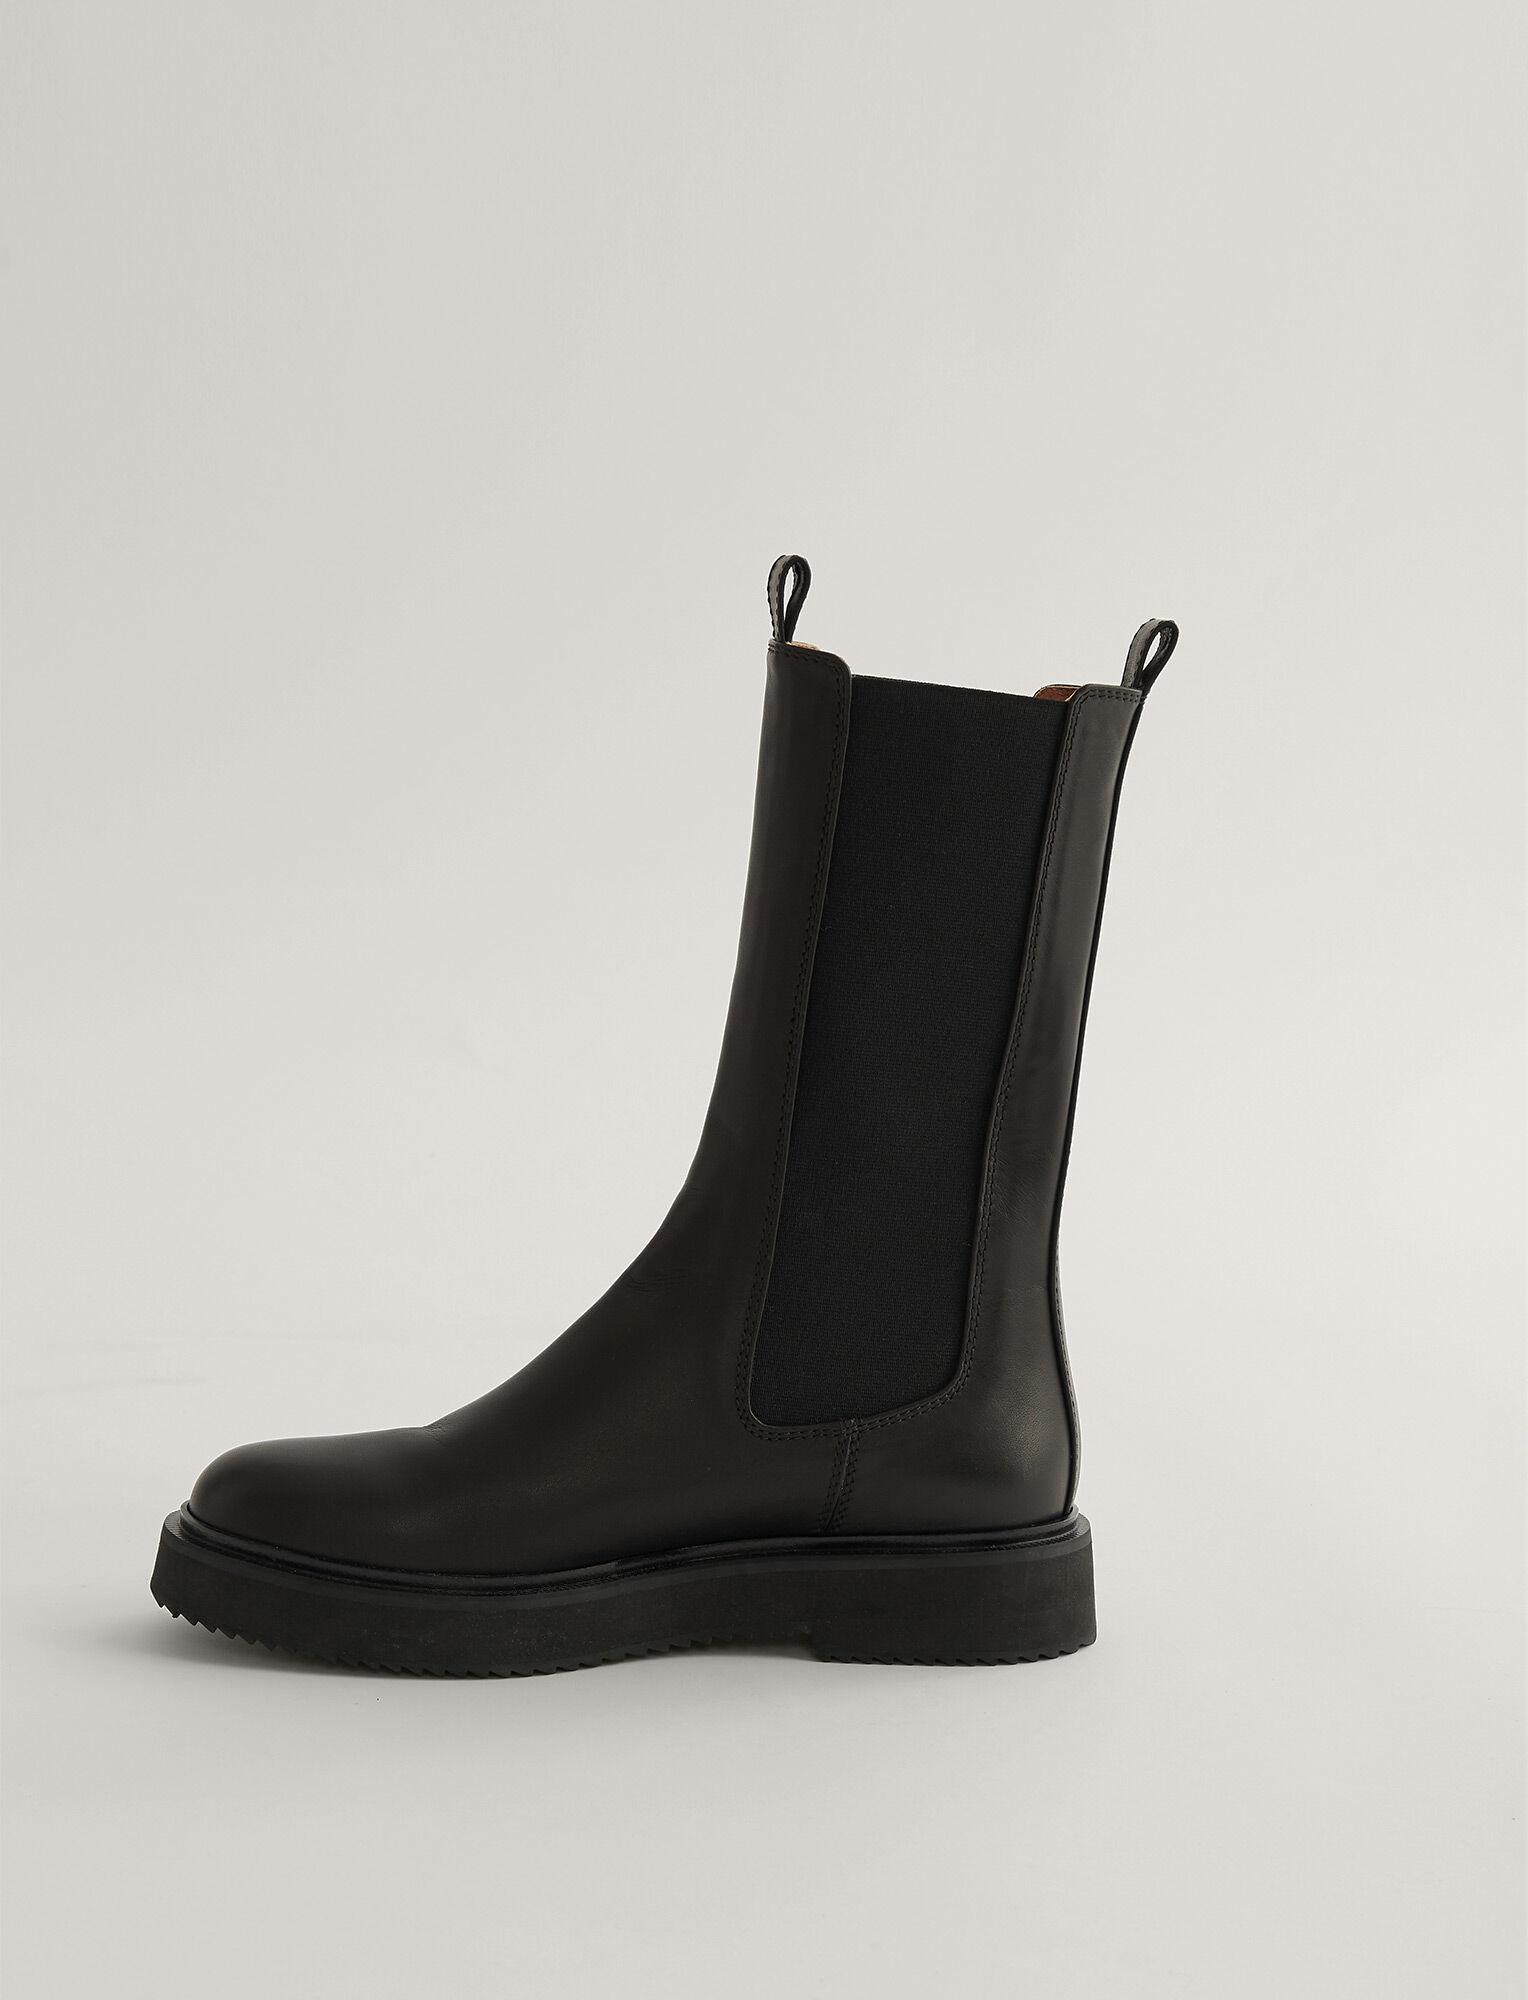 Joseph, British Chelsea Boot, in Black